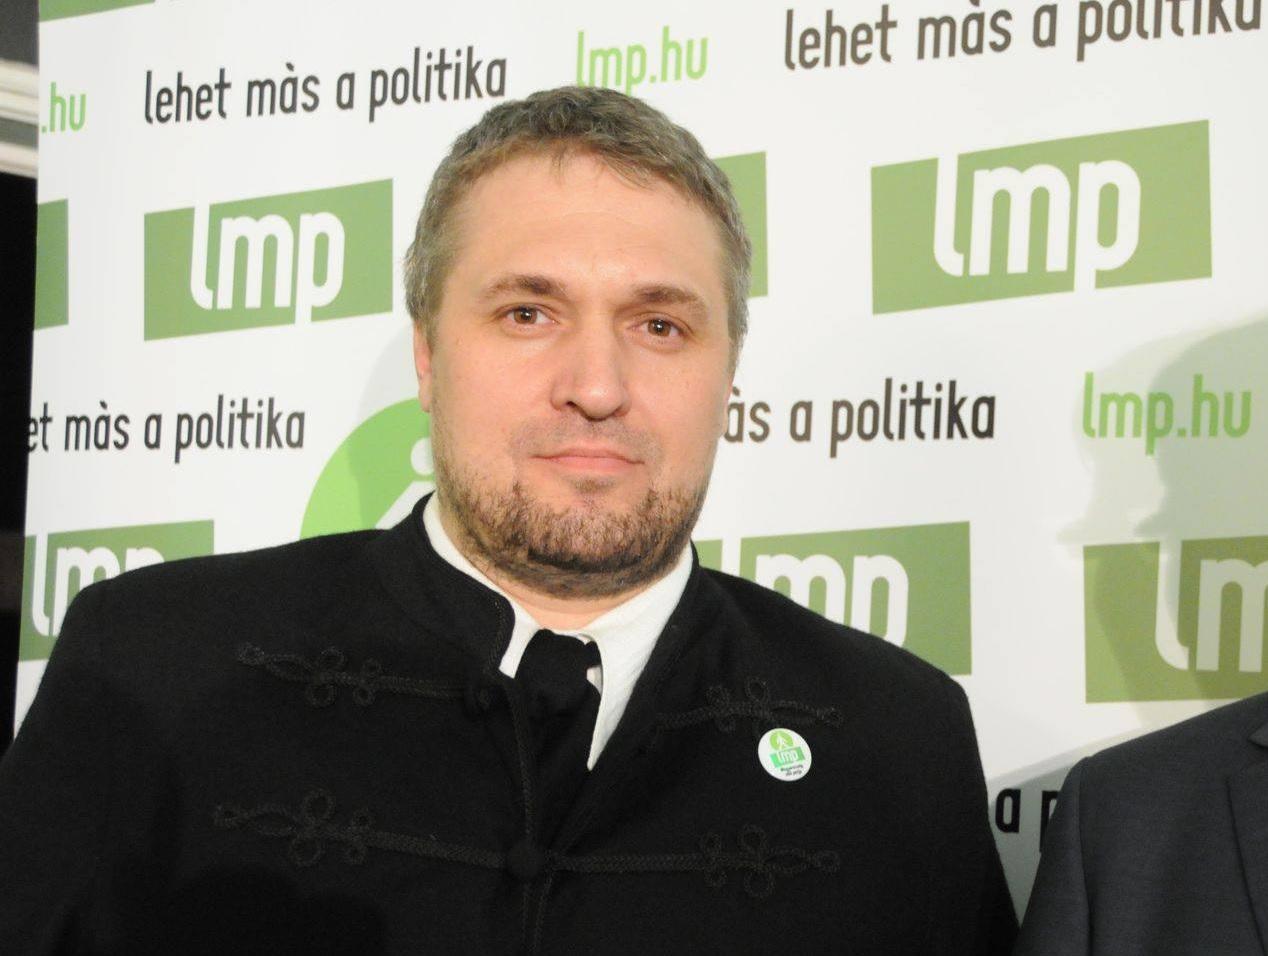 Sallai Róbert Benedek: Varju László megnézhette volna magát egy túrkevei motorostalálkozón, ha a rendezők kikísérik